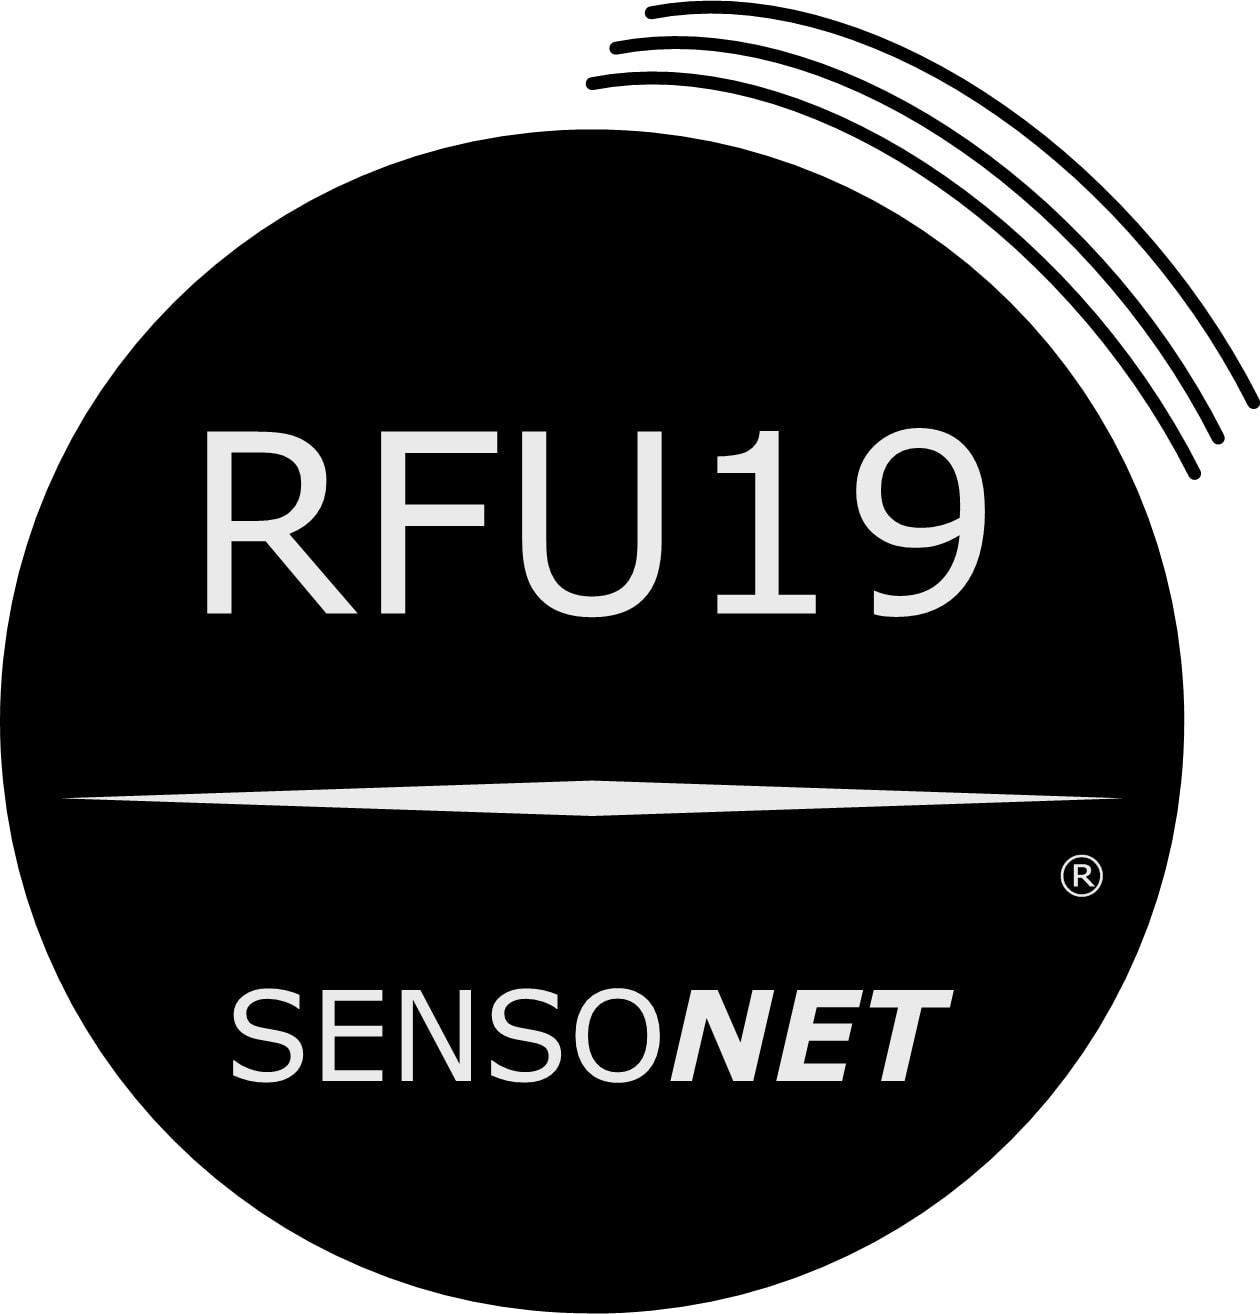 RFU19